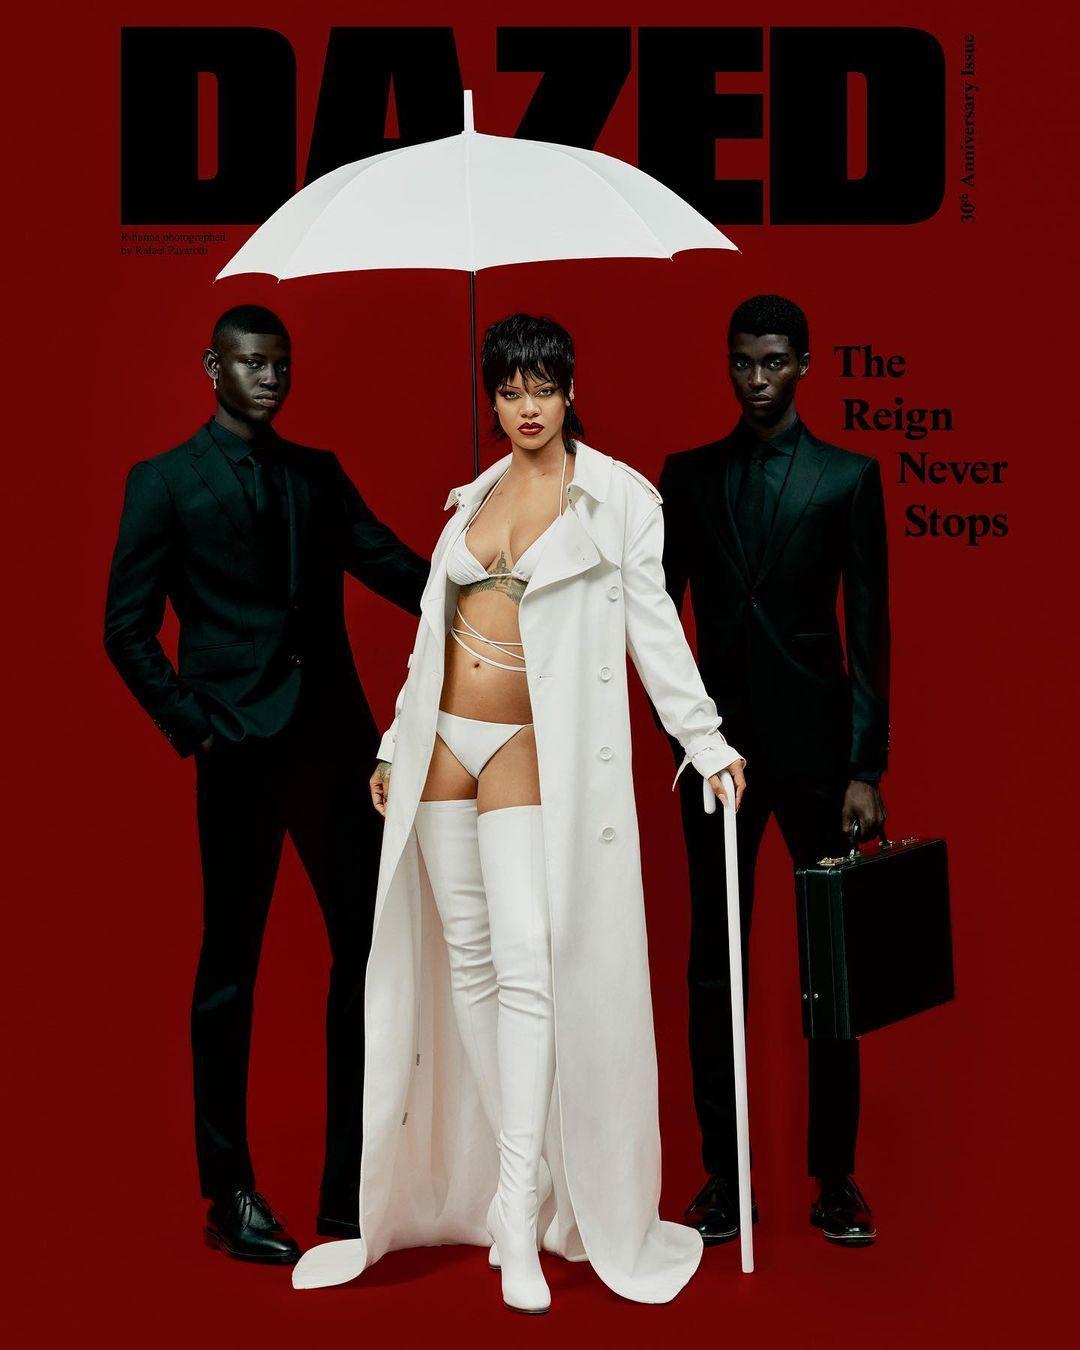 Rihanna'nın altın çağı! Kendisine özel tasarımlarla şov yaptı - Sayfa:4